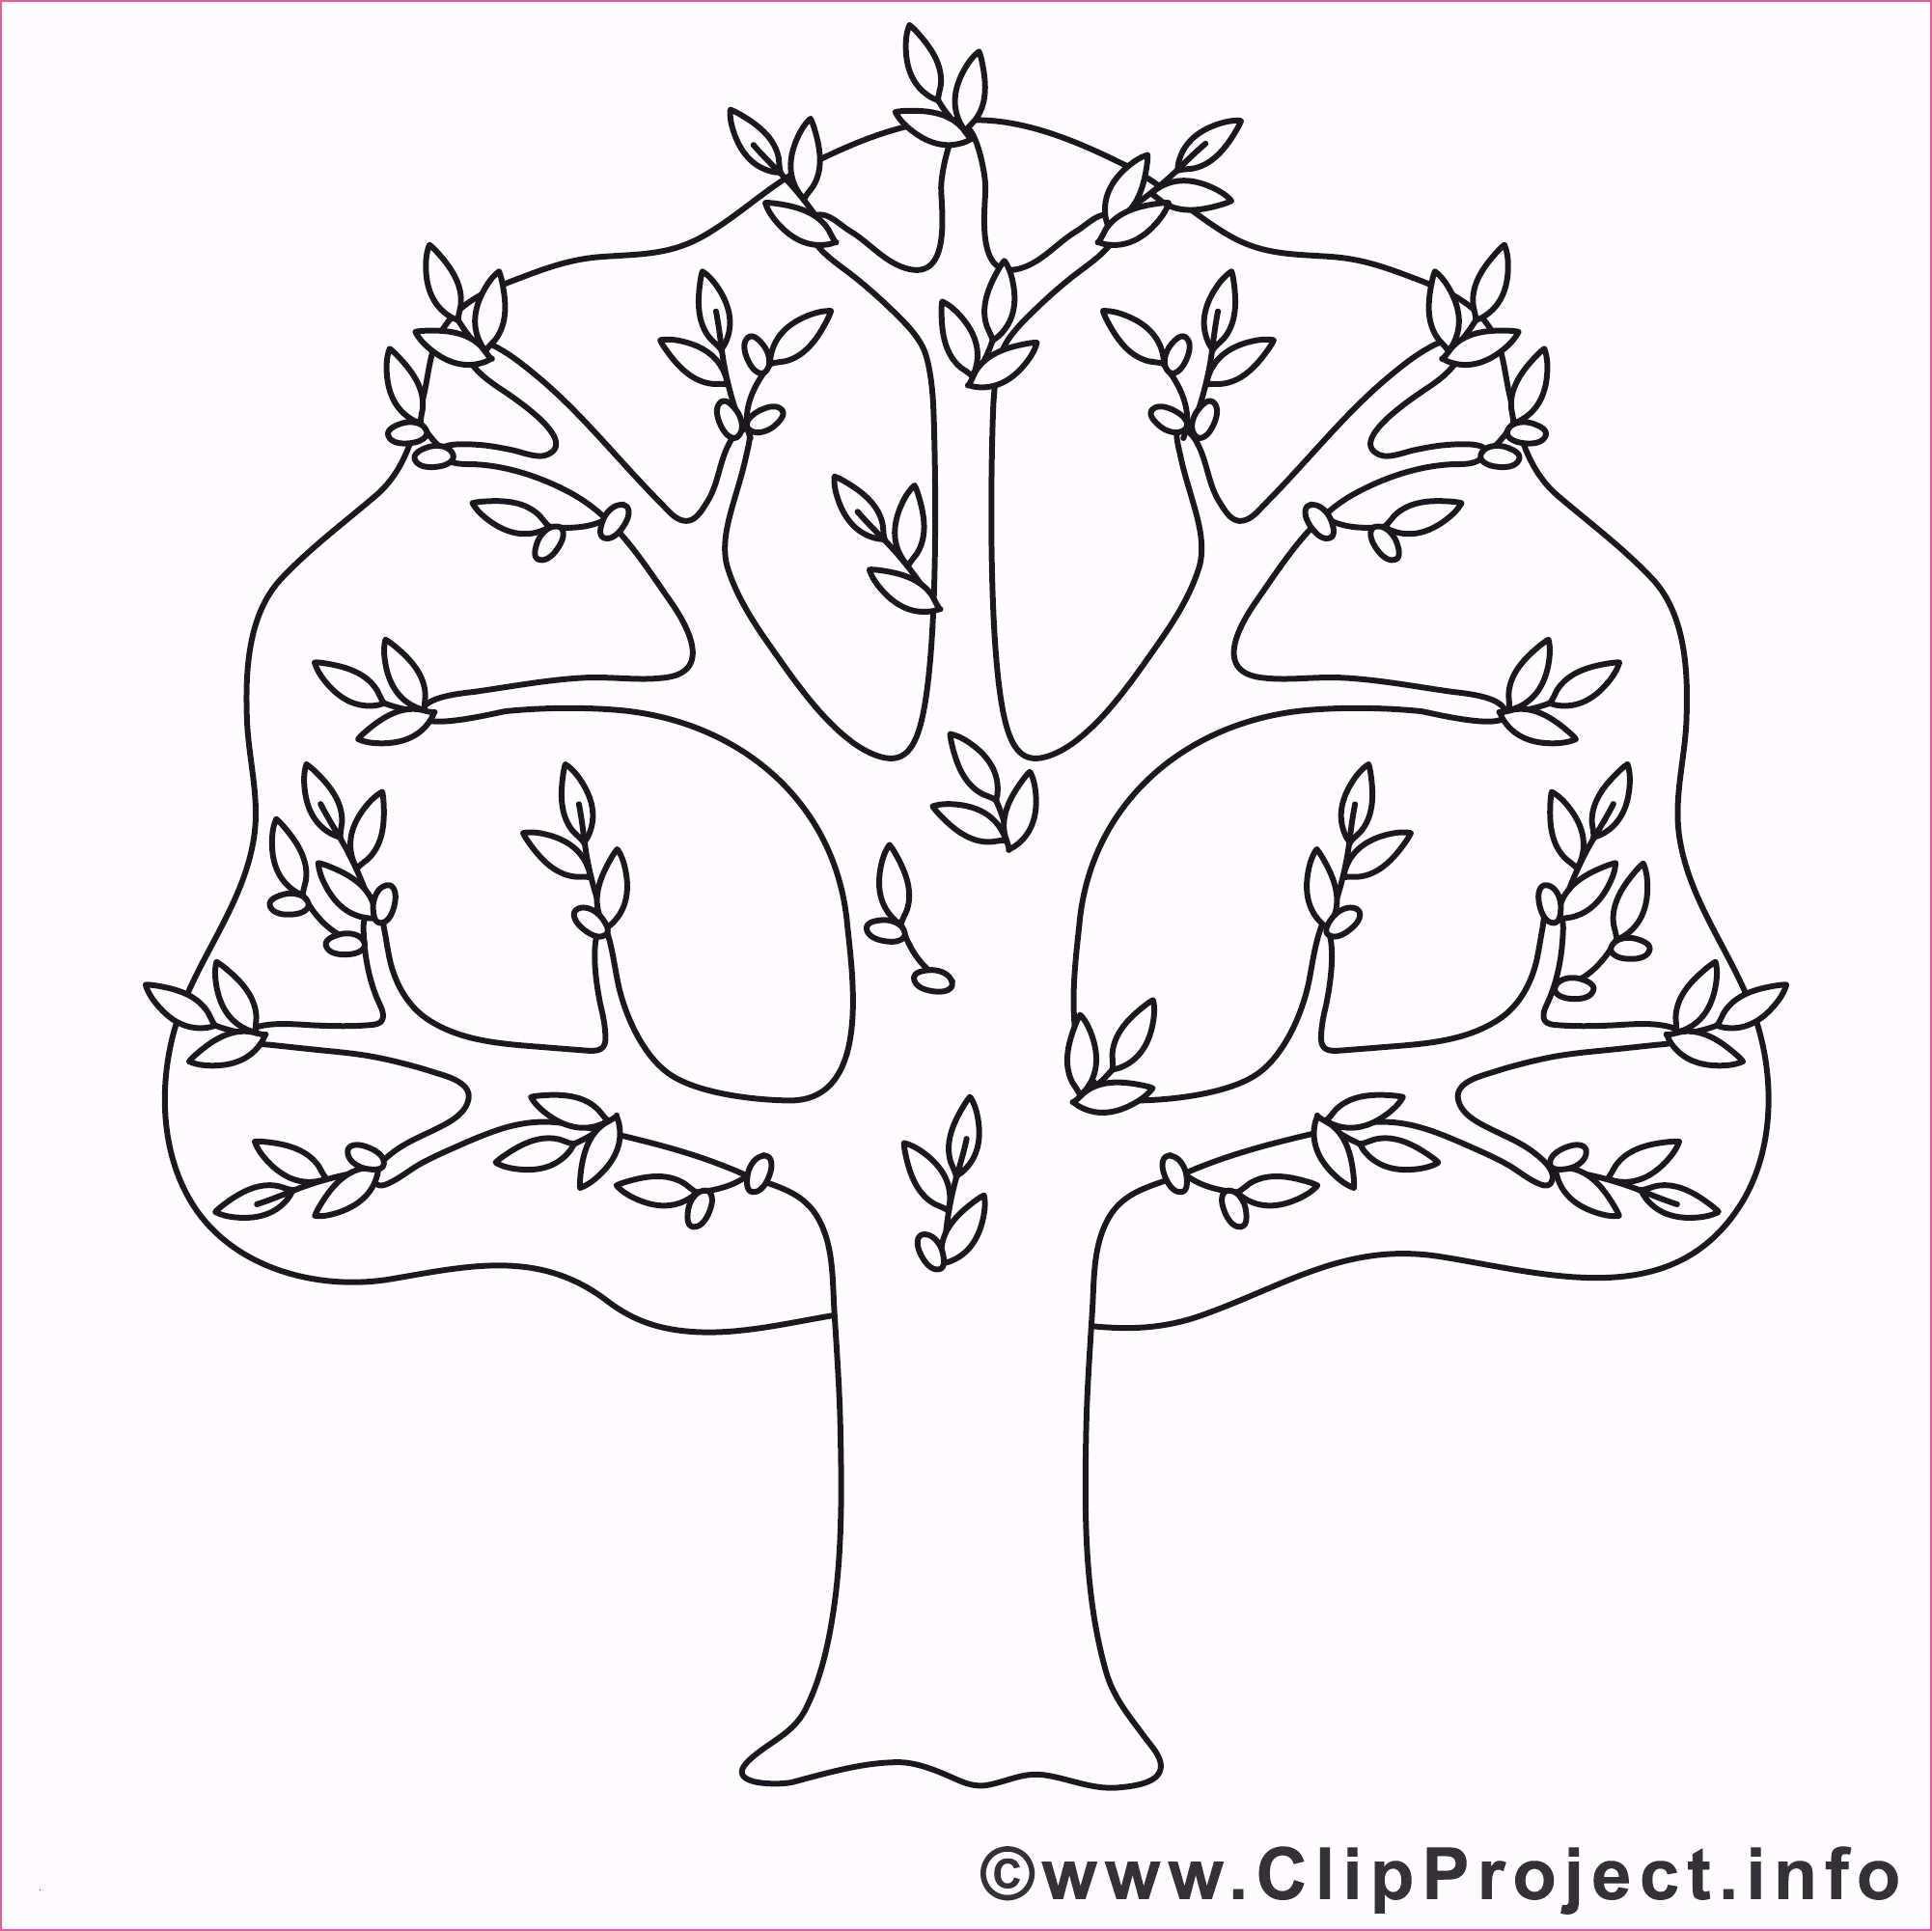 Hochzeitsbaum Fingerabdruck Vorlage Zum Ausdrucken Baum Vorlage Malvorlagen Bilder Zum Ausmalen Fur Kinder